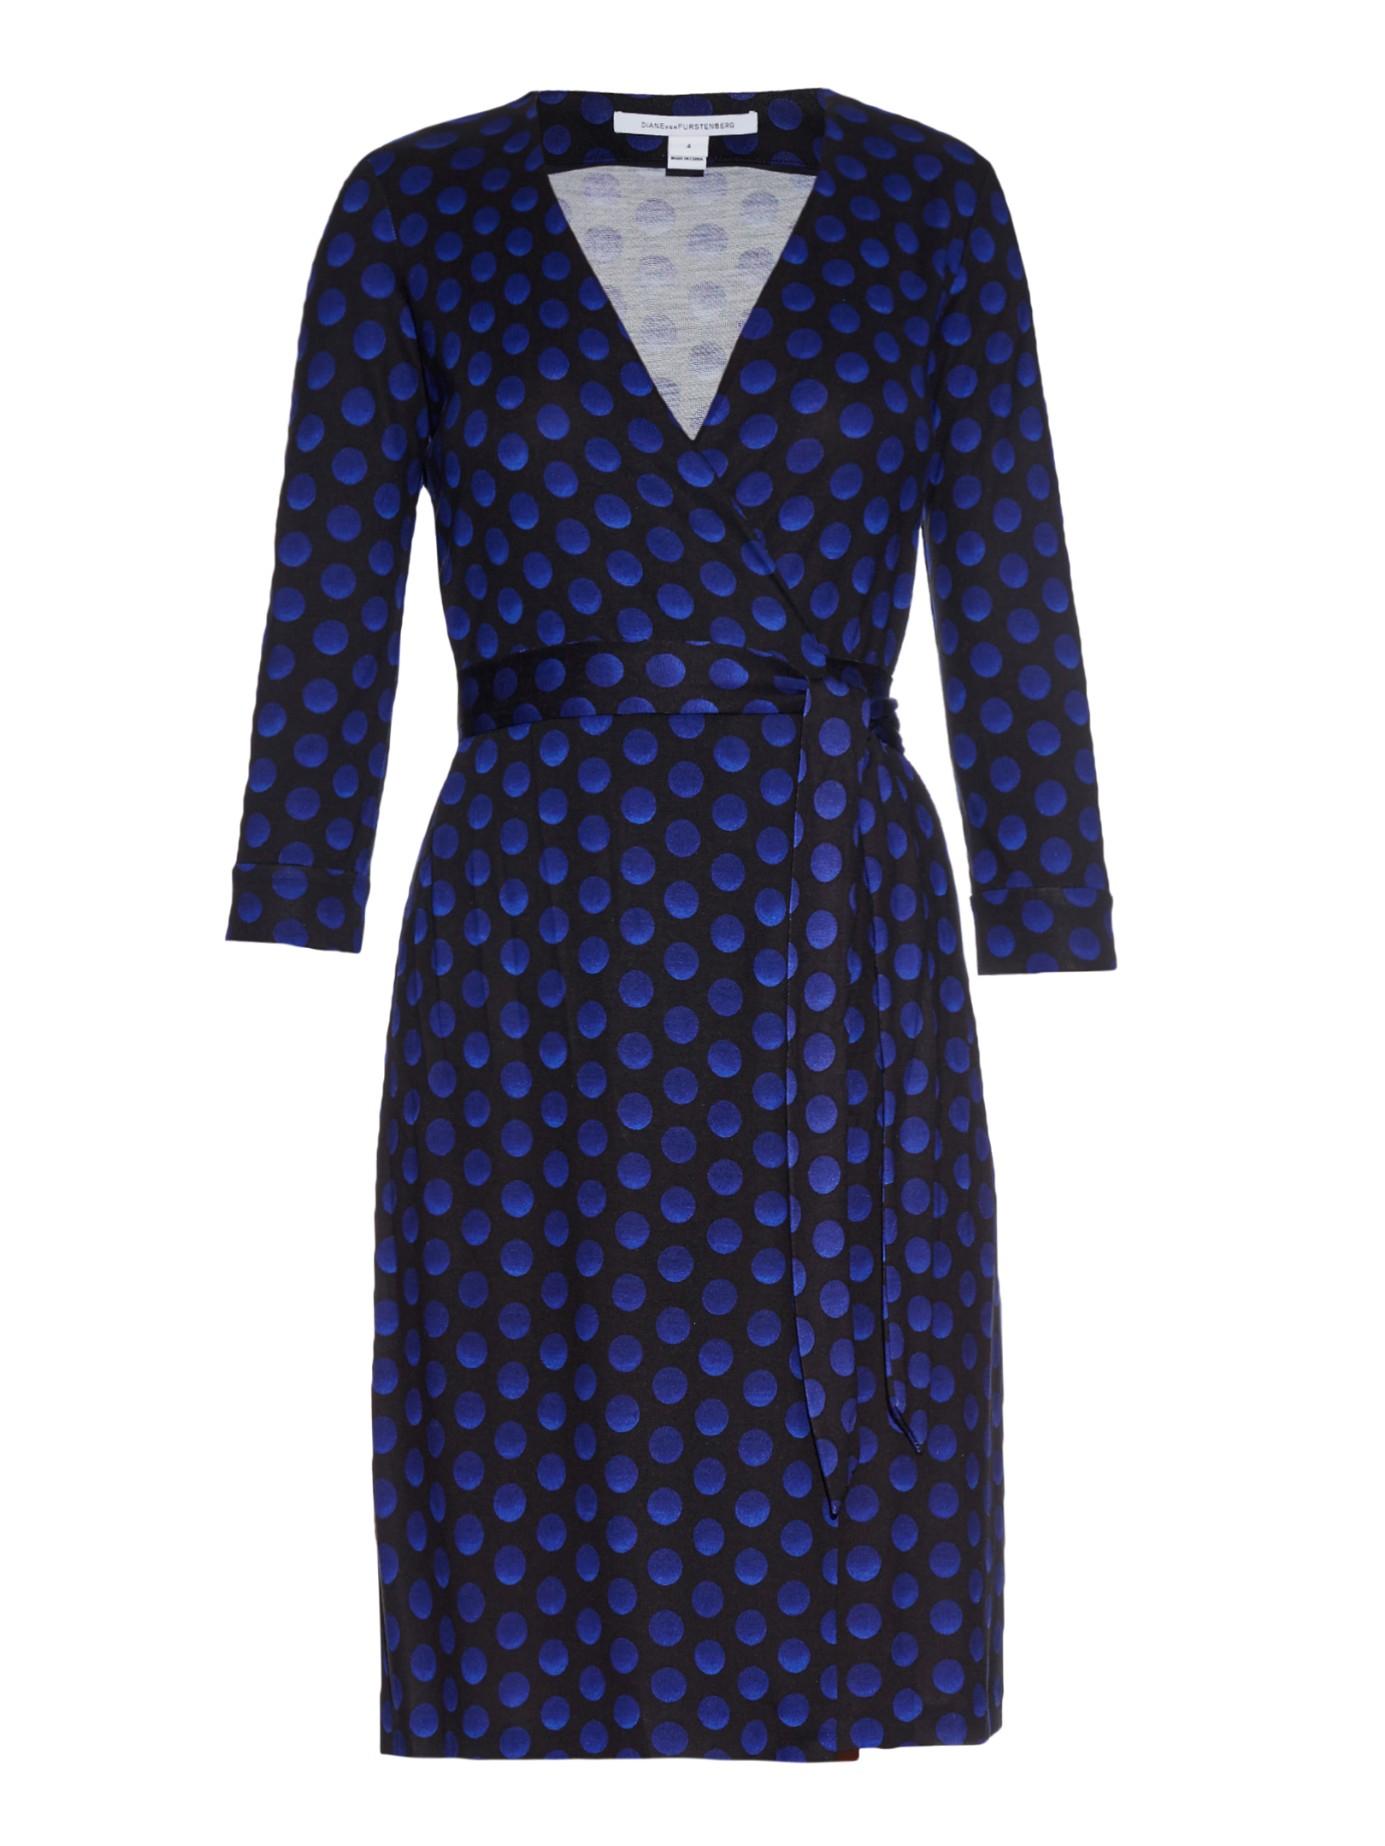 Diane Von Furstenberg New Julian Two Dress In Blue Lyst